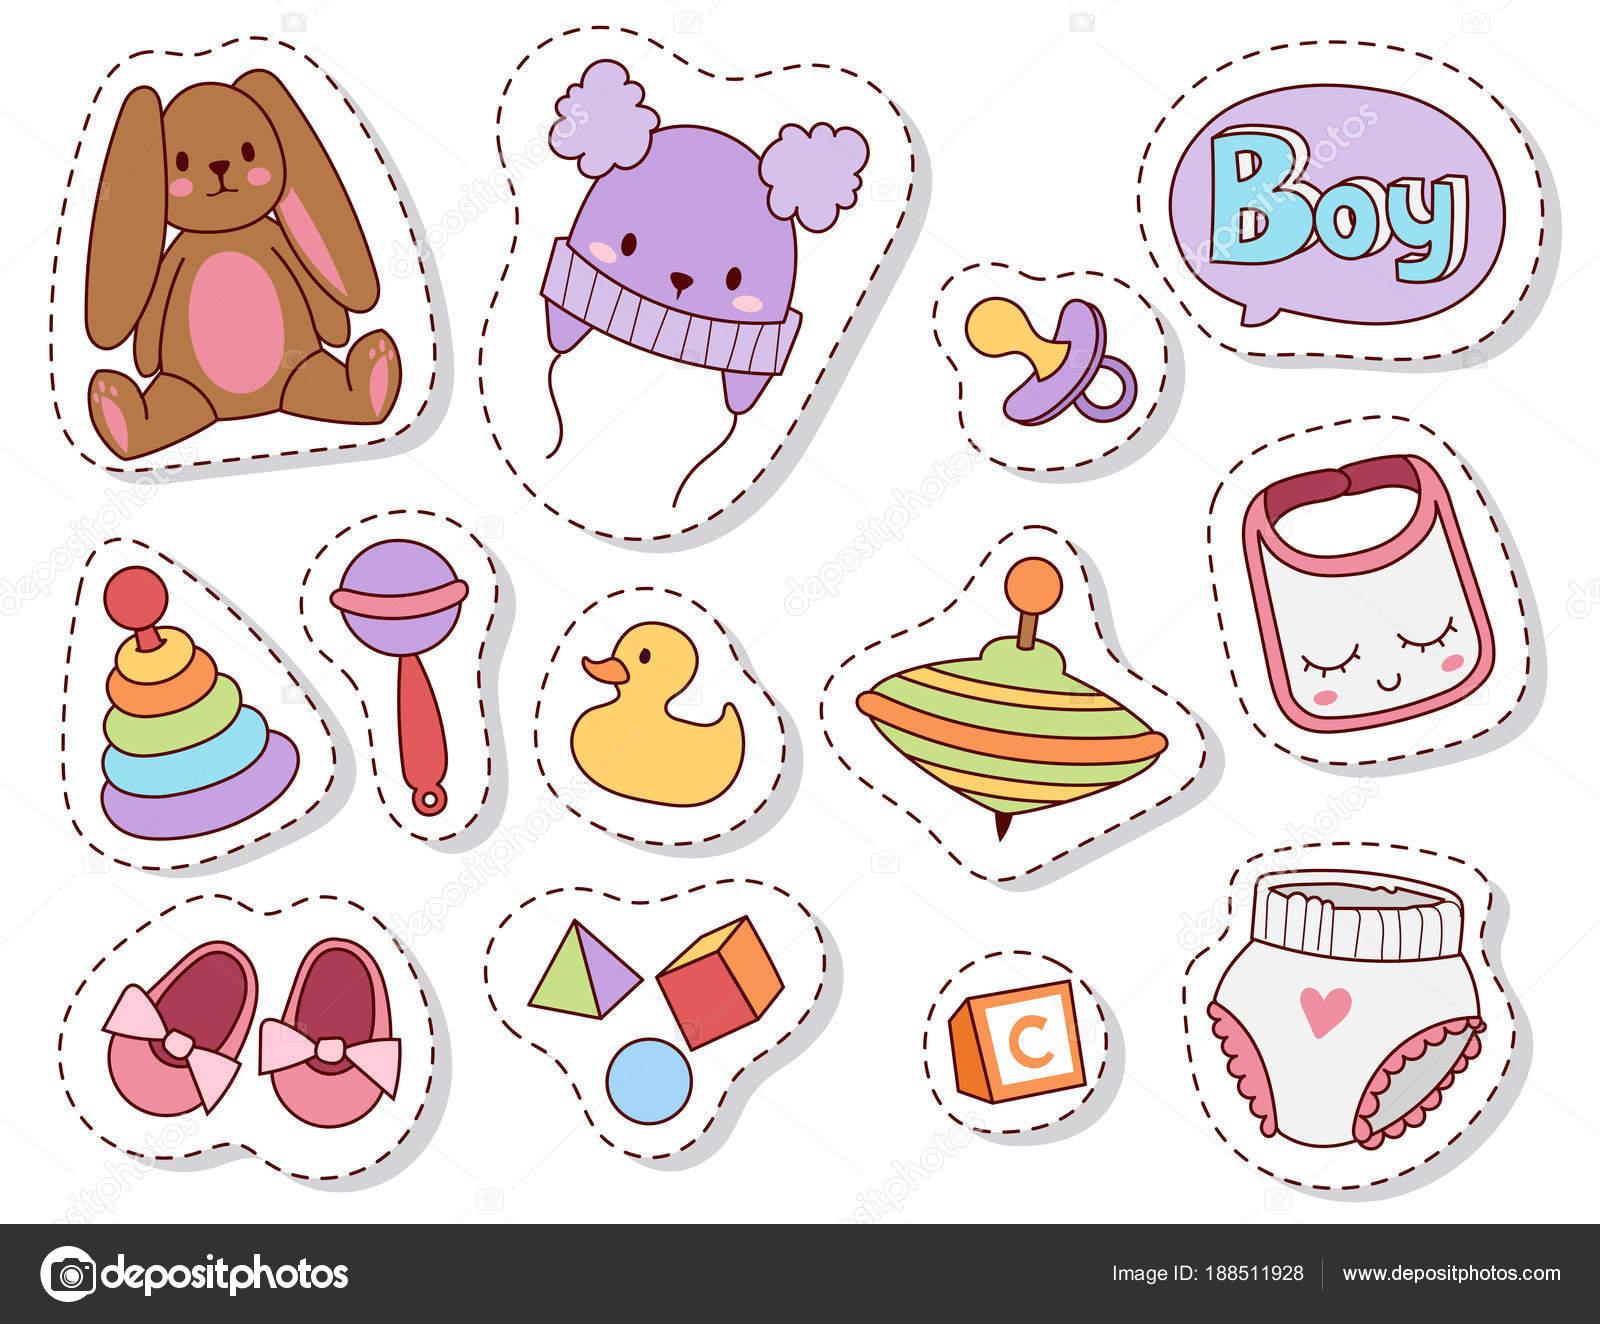 df9233da4 Parches de juguetes de bebé de dibujos animados diseño de juguetería de  niños familia lindo niño